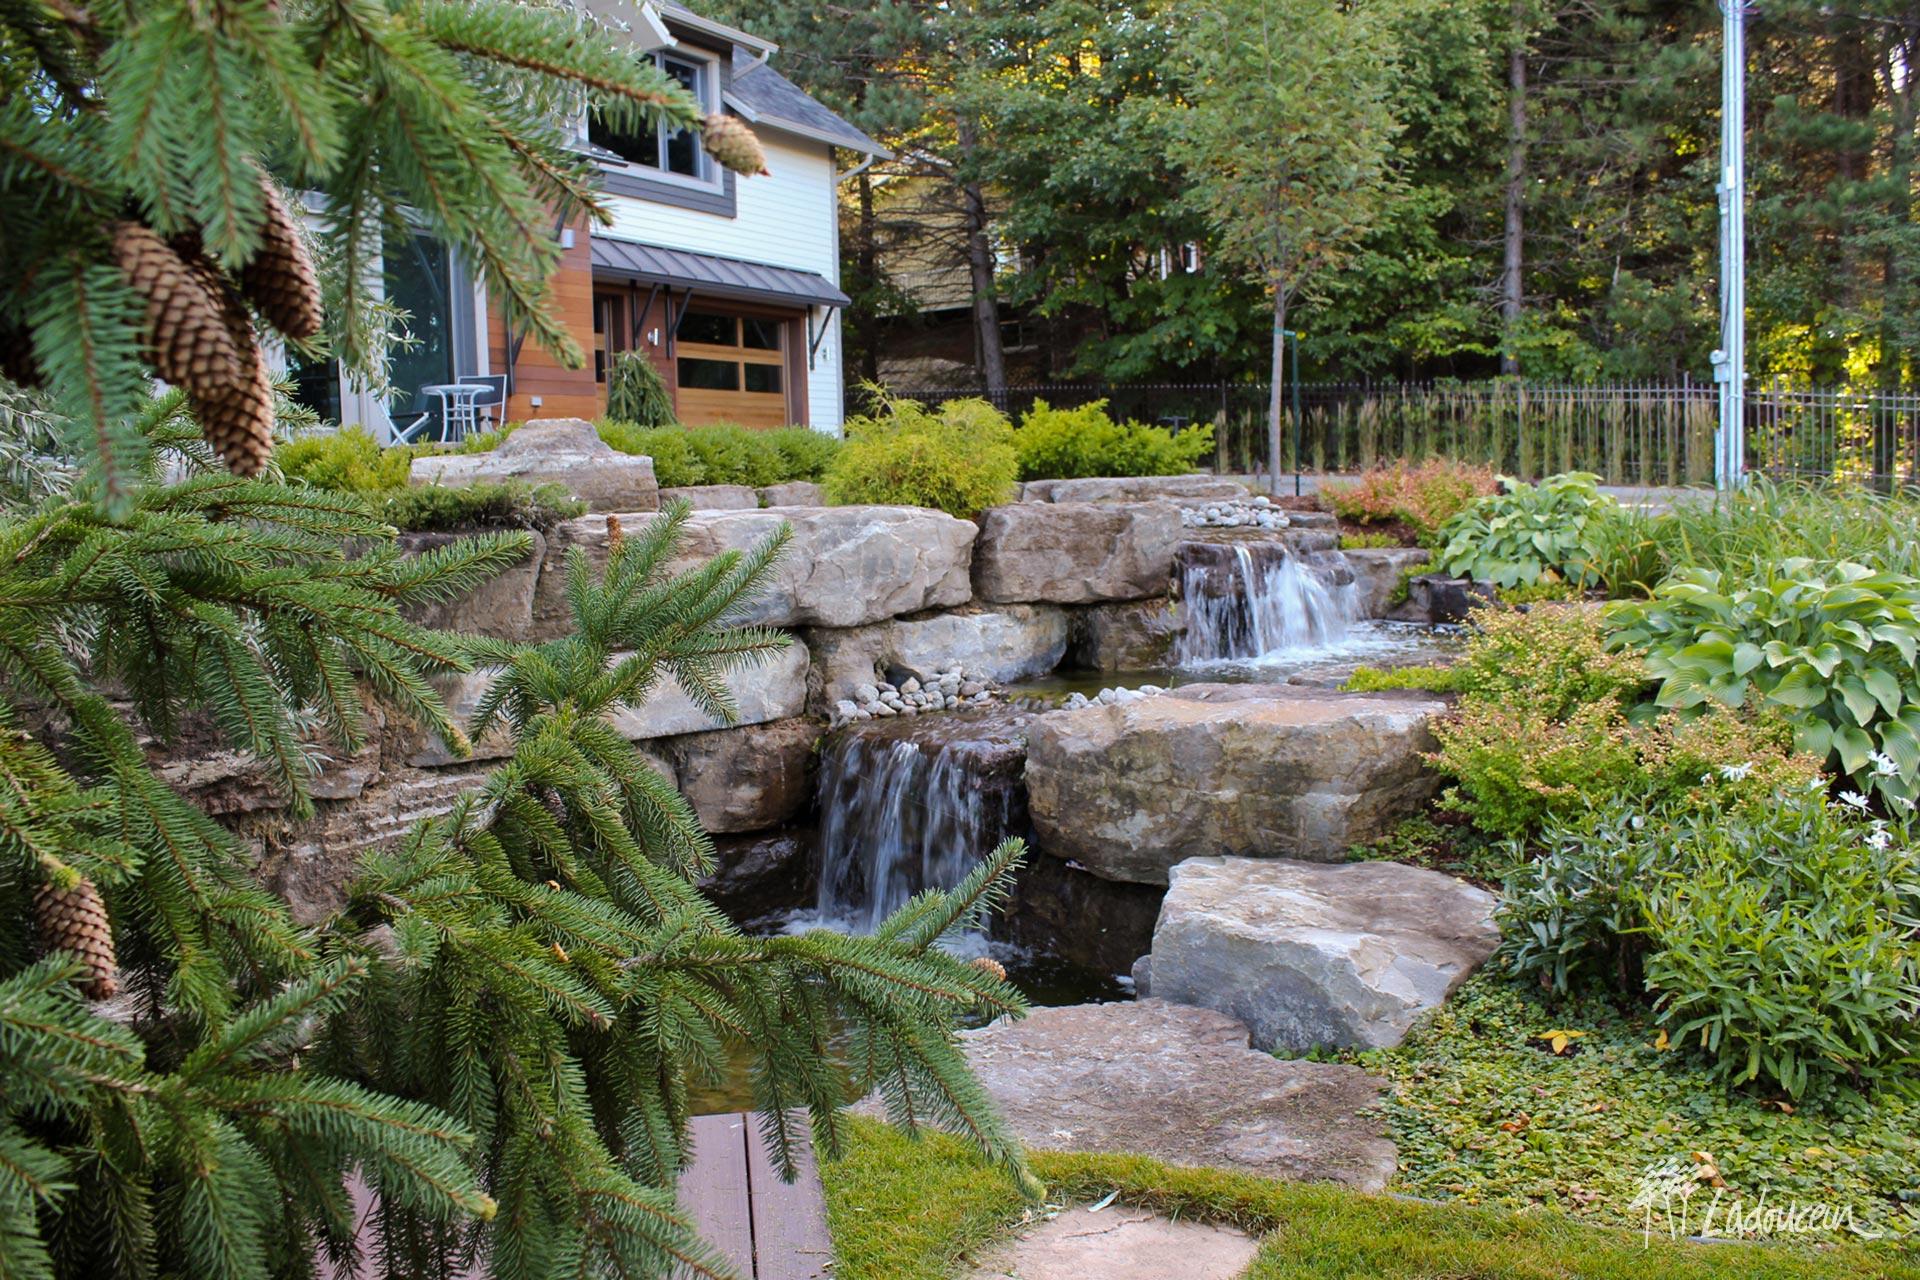 Jardin deau bassin deau casacade deau roches naturelles pierres naturelles muret de roches amenagement paysager exceptionnel par ladouceur